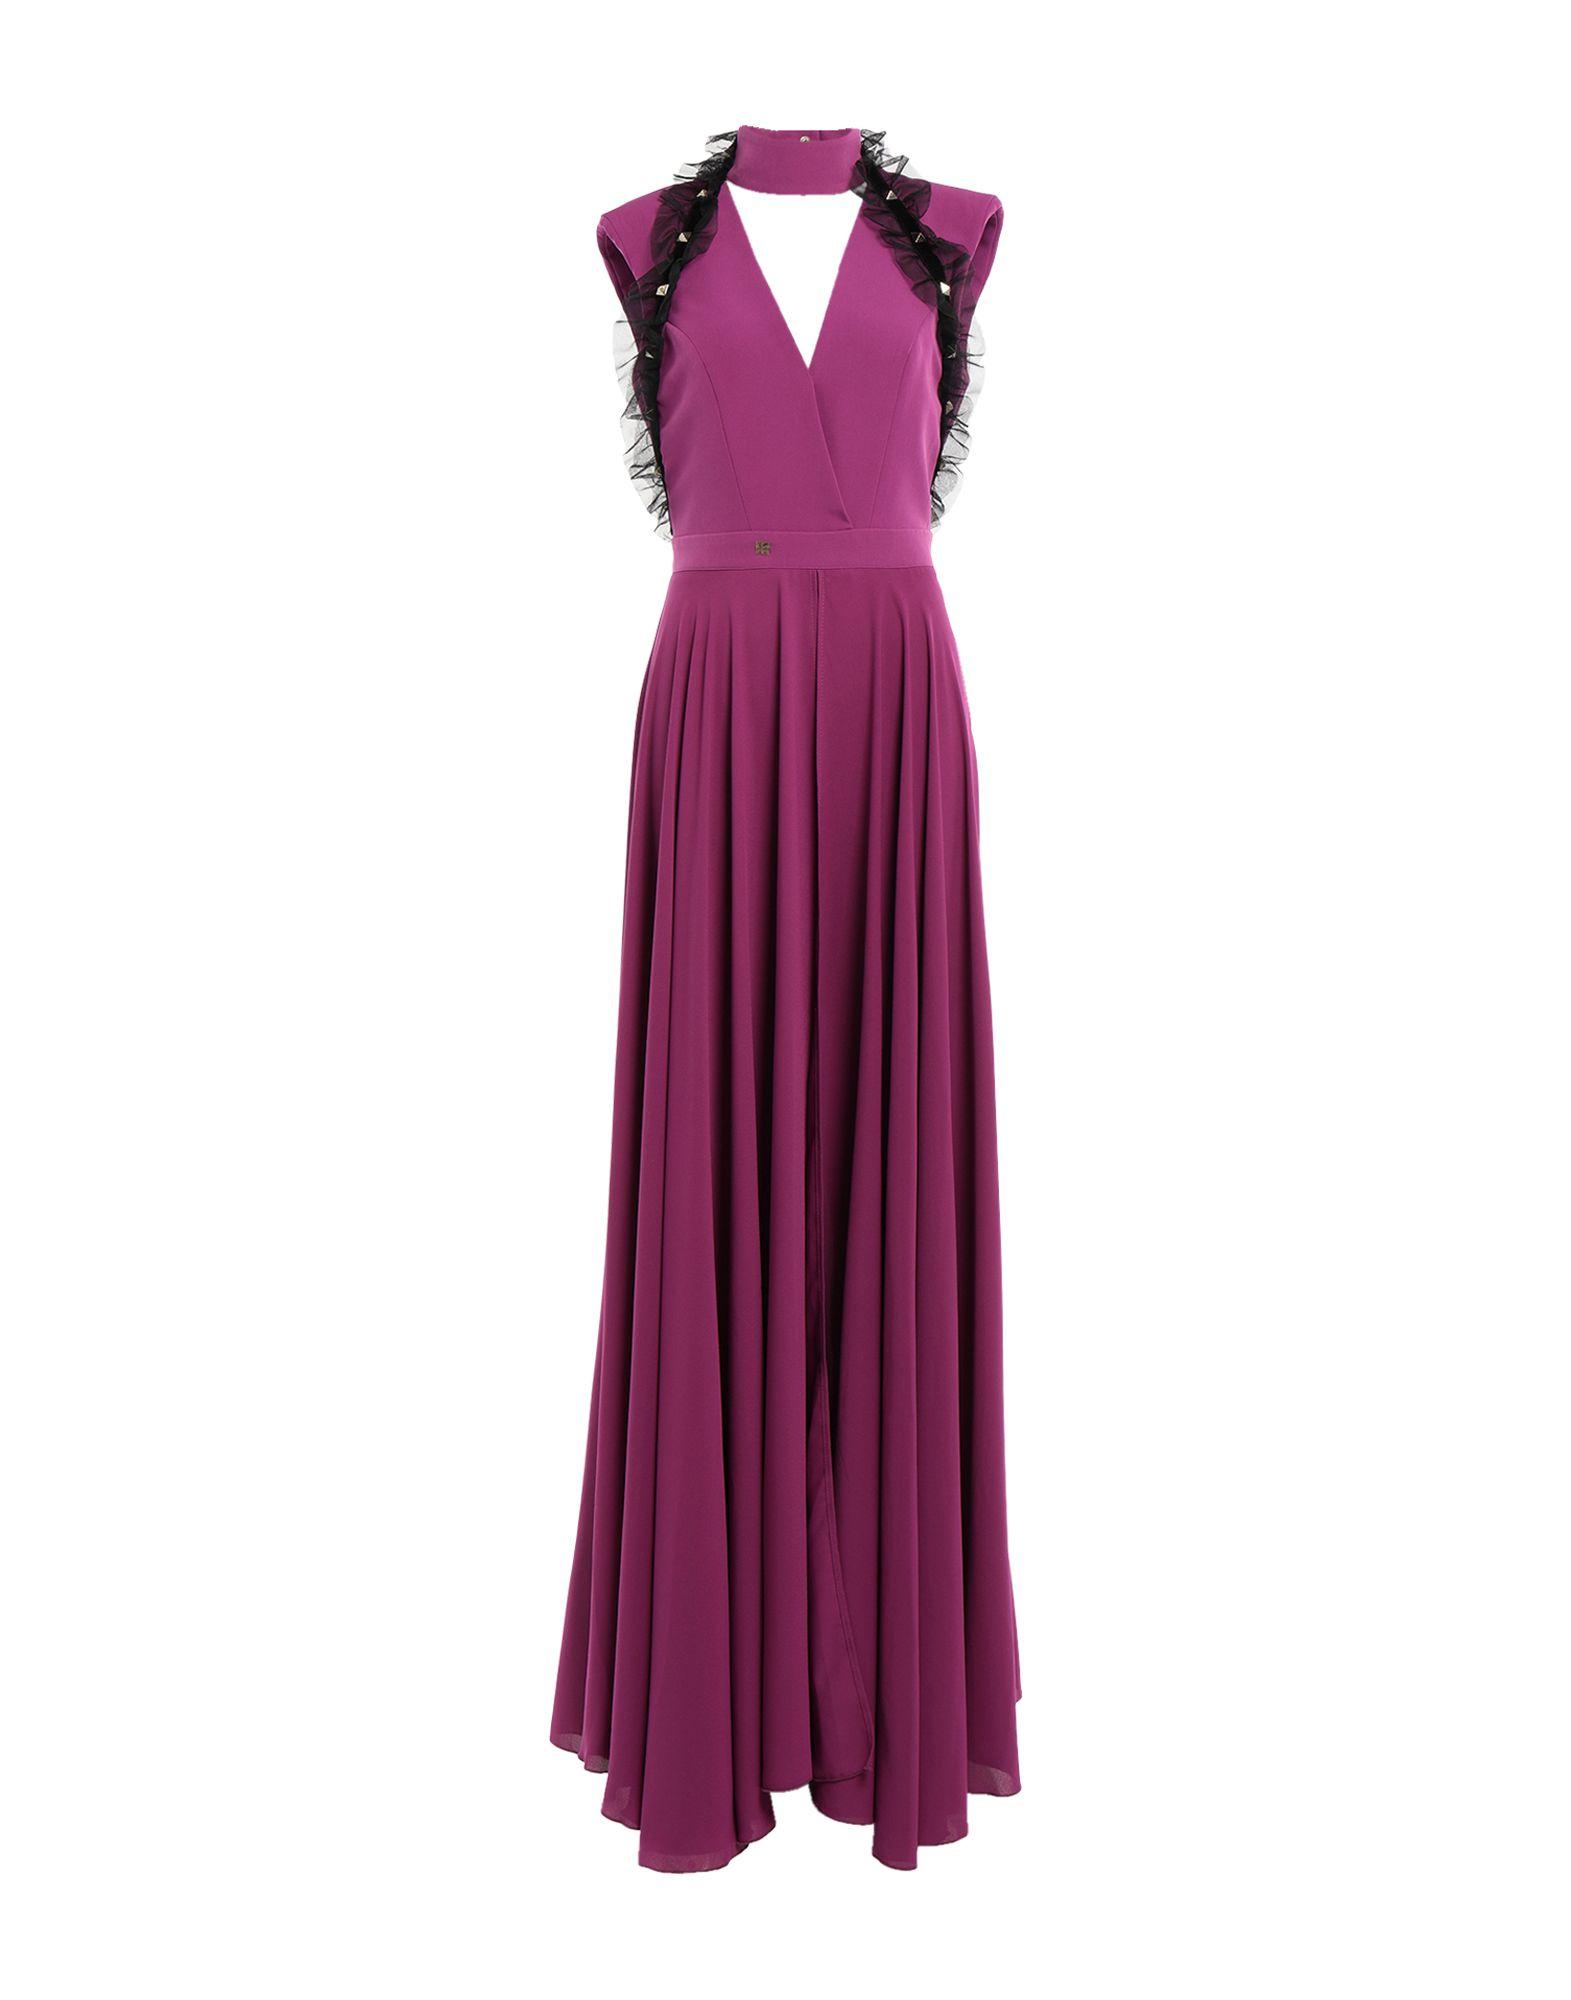 Фото - GIL SANTUCCI Длинное платье gil santucci платье до колена